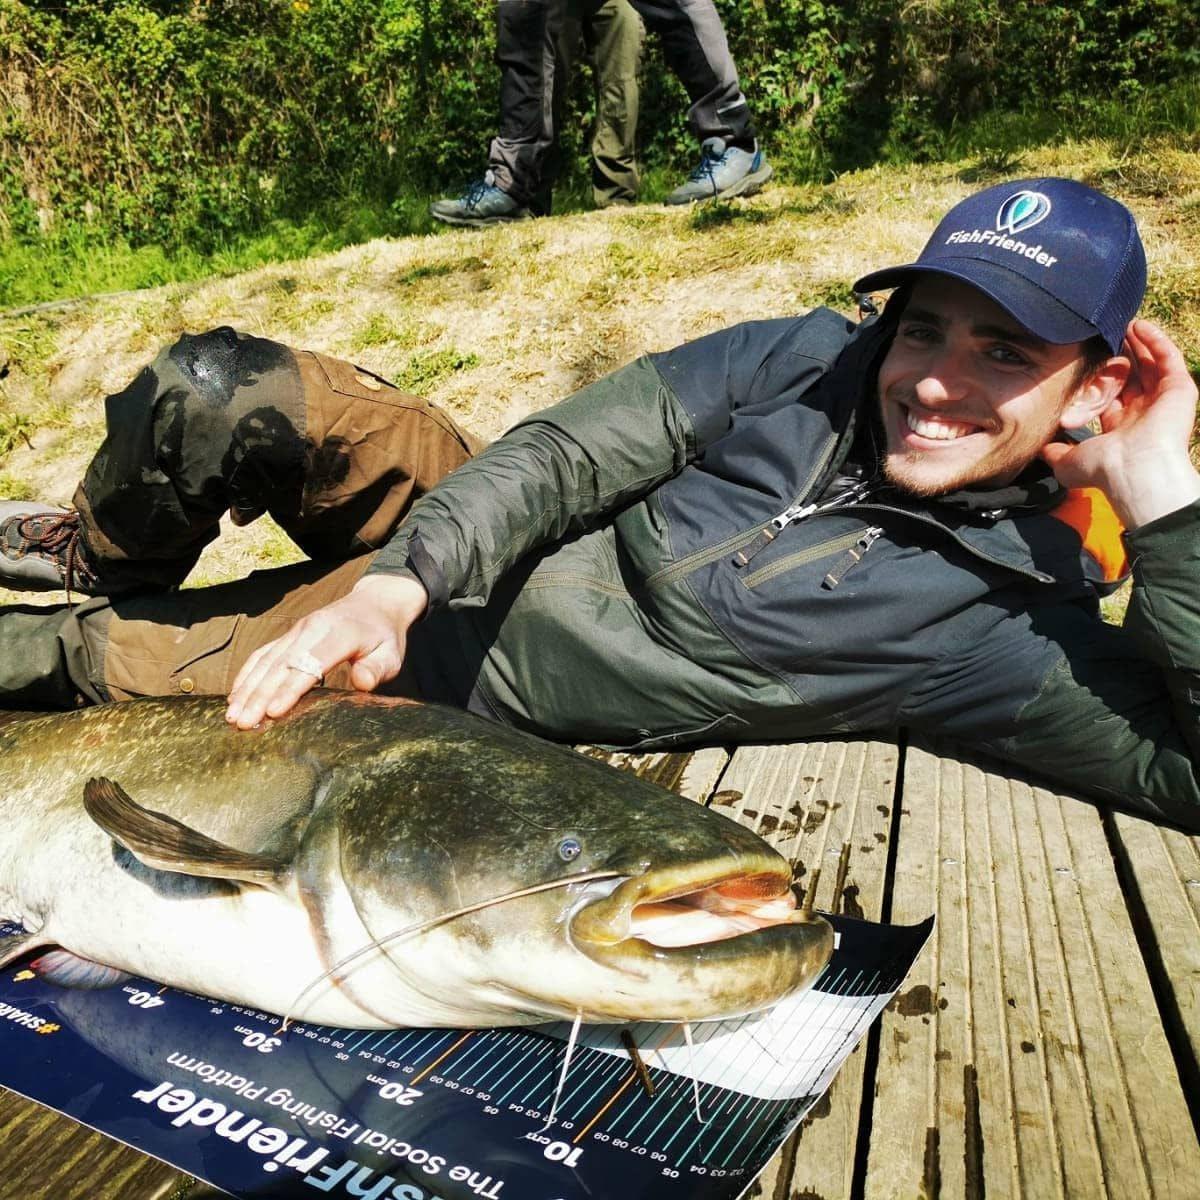 Mesurer vos poissons est un acte responsable qui doit rester une partie de plaisir